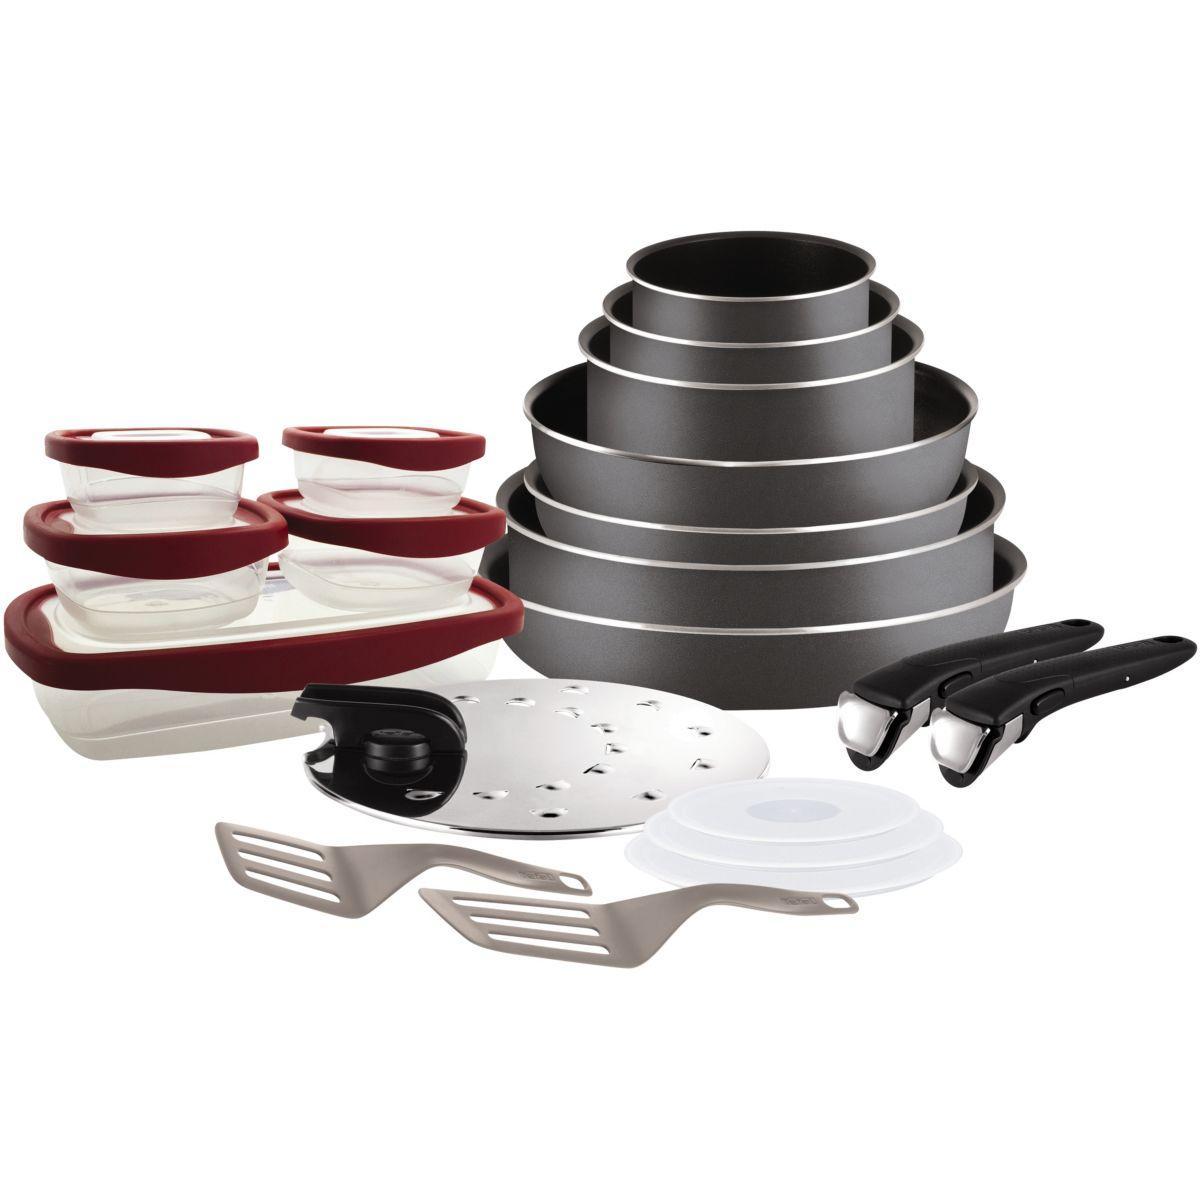 Batterie de cuisine tefal ingenio essential gris 20p l2049102 - livraison offerte : code liv (photo)